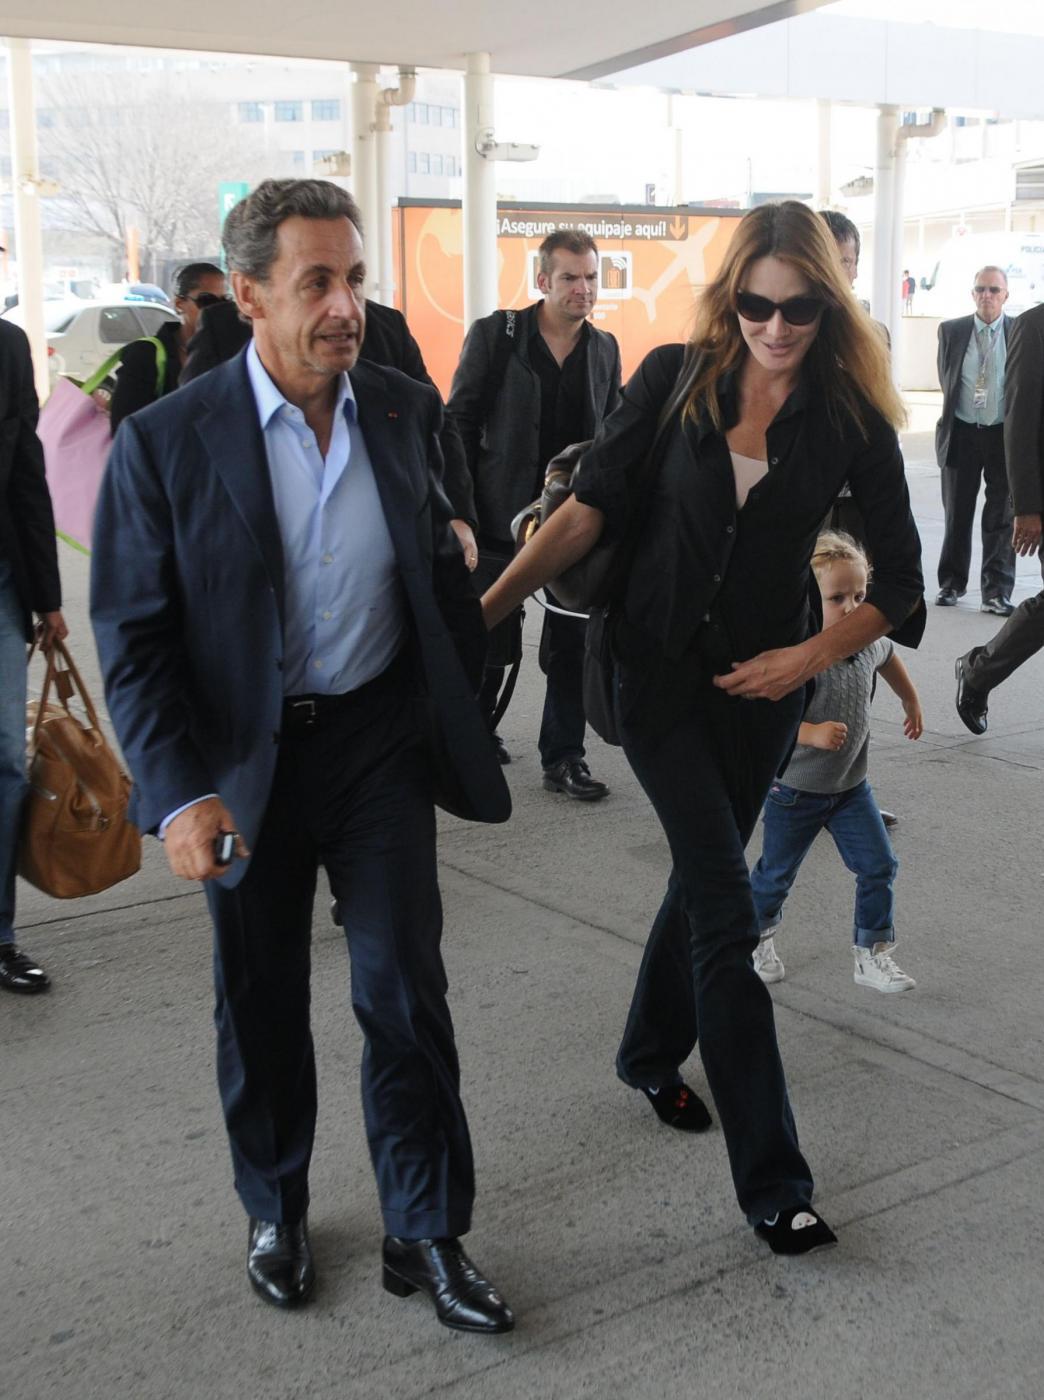 Nicolas Sarkozy e Carla Bruni mano nella mano2